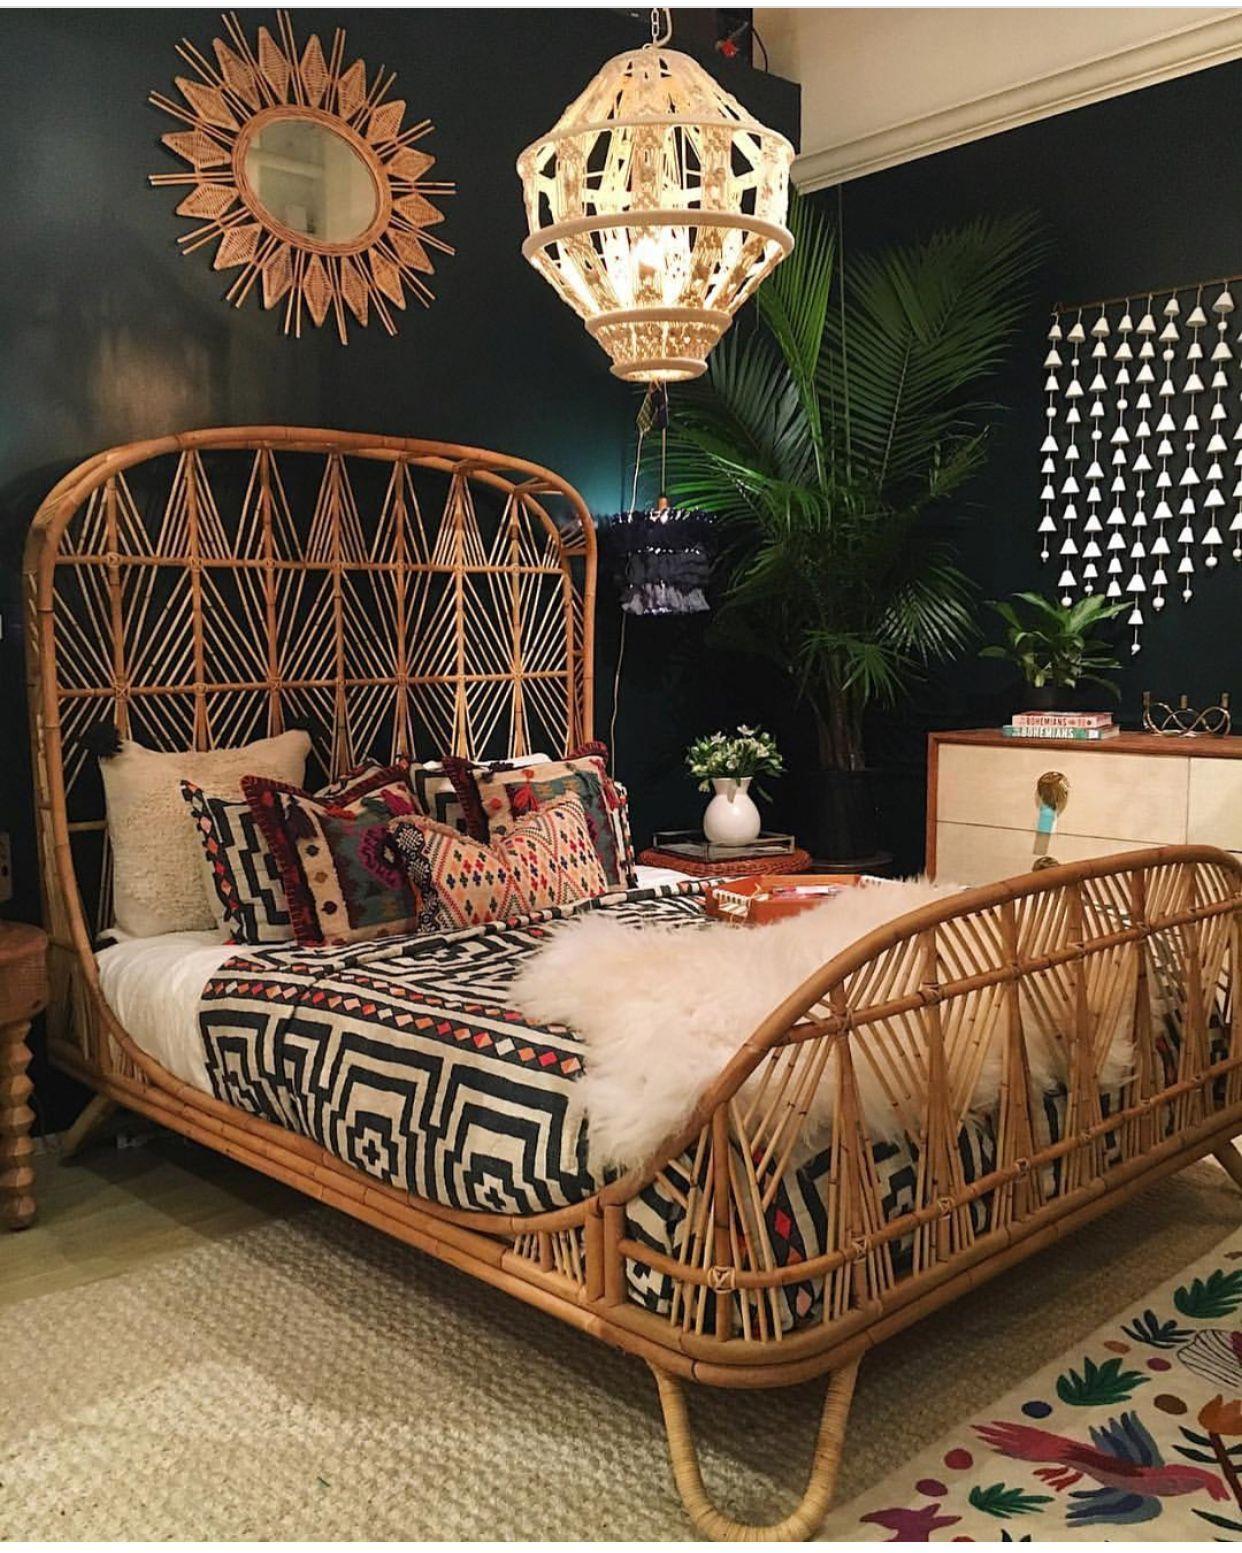 Boho   Prints & Artist Designed Goods Inspired by Life's ... on Modern Boho Bed Frame  id=60805